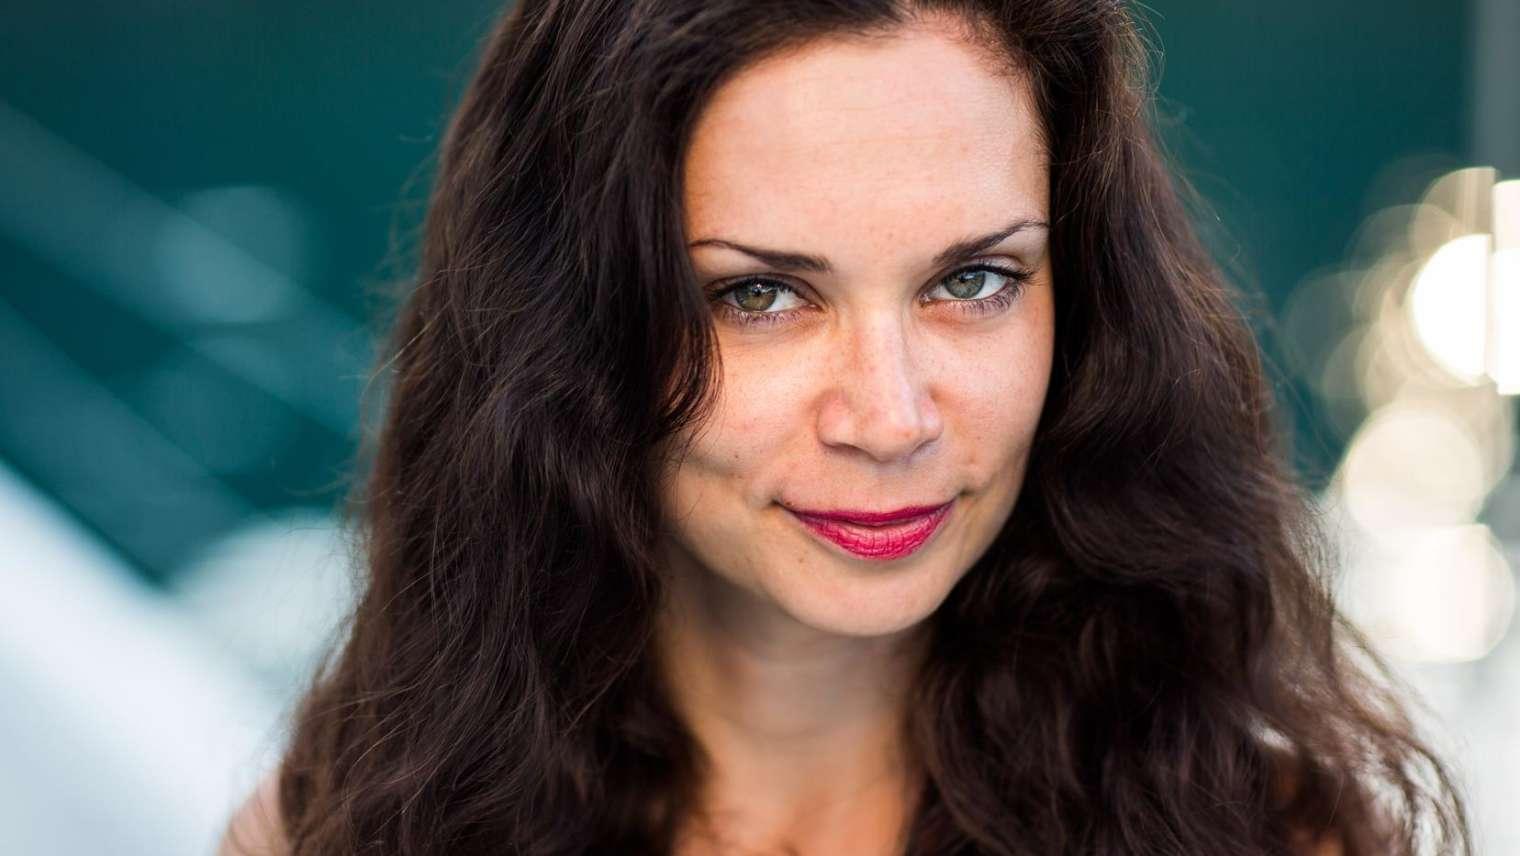 Martyna Korzelik